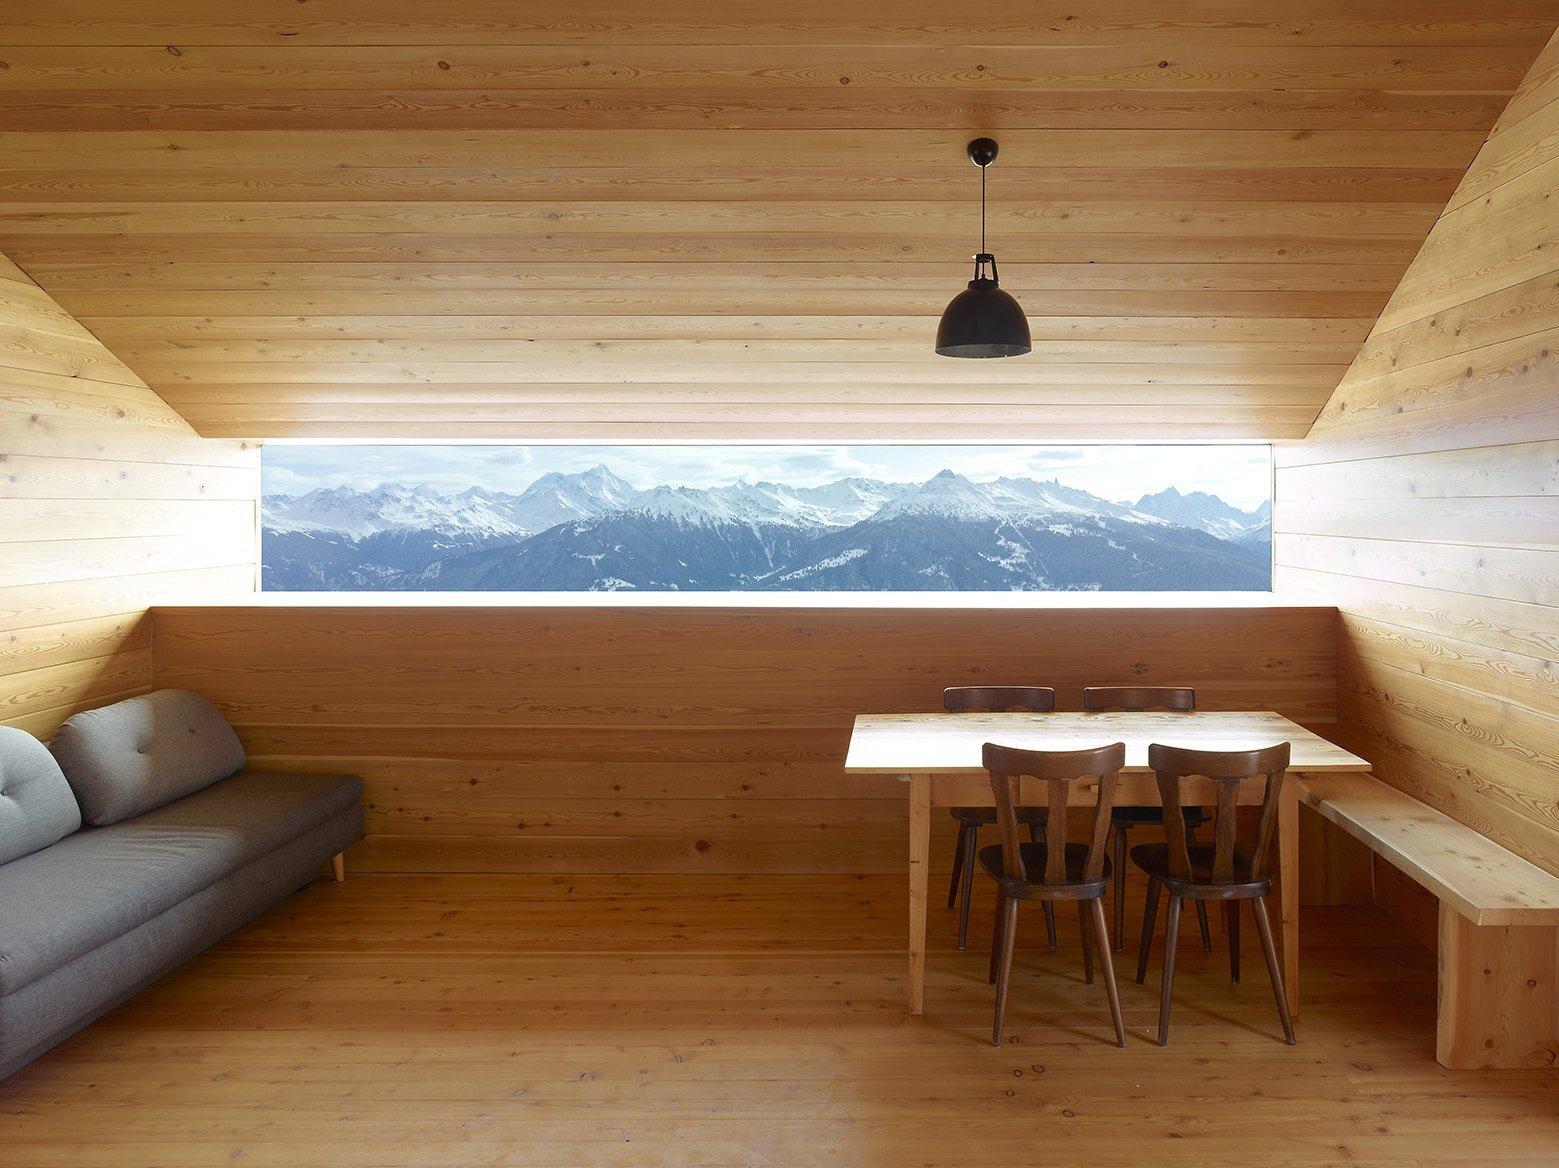 Gaudin House Small Cabin Savioz